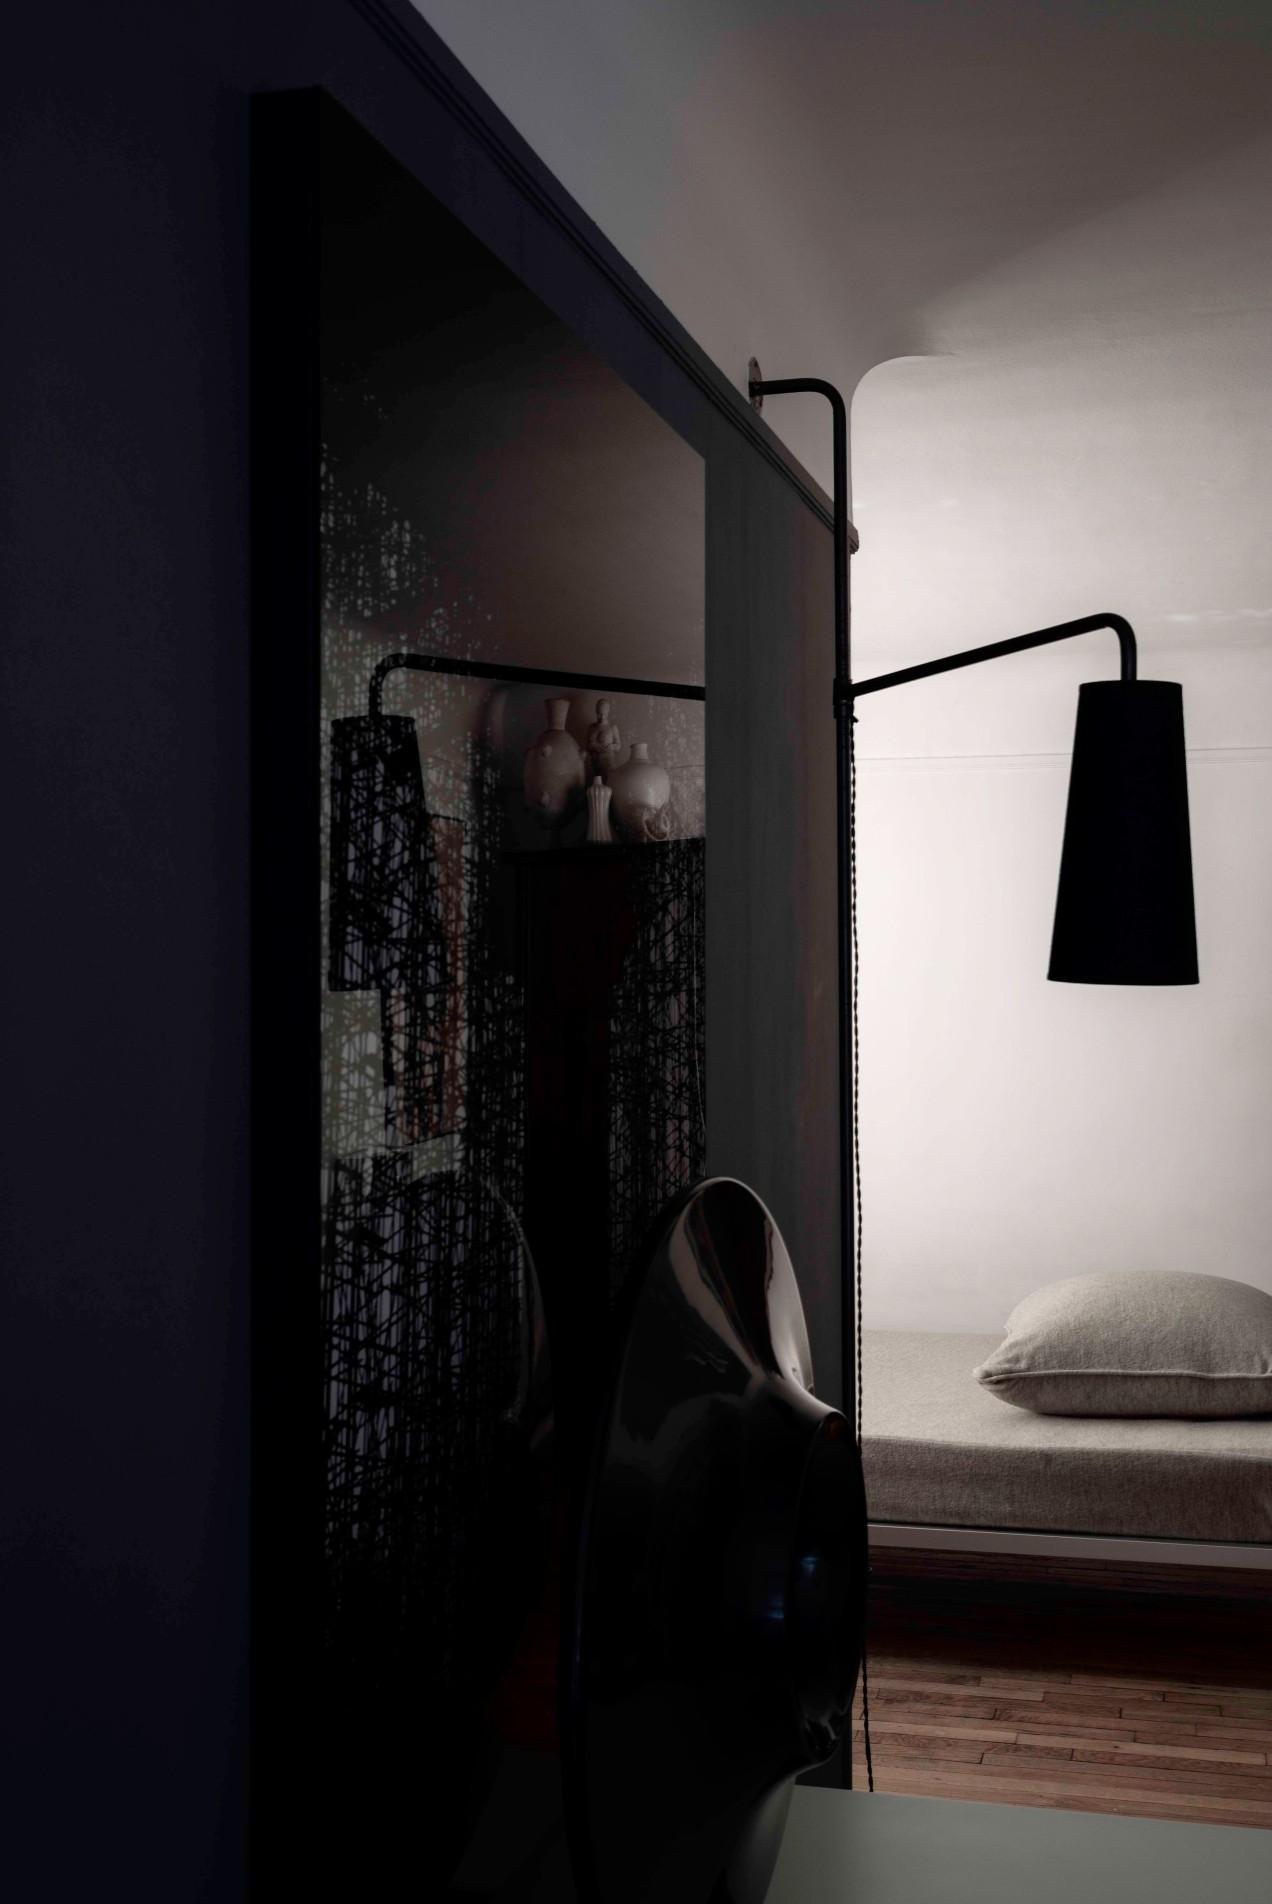 Réflection, chez-moi, gildalliere, Paris, 2019